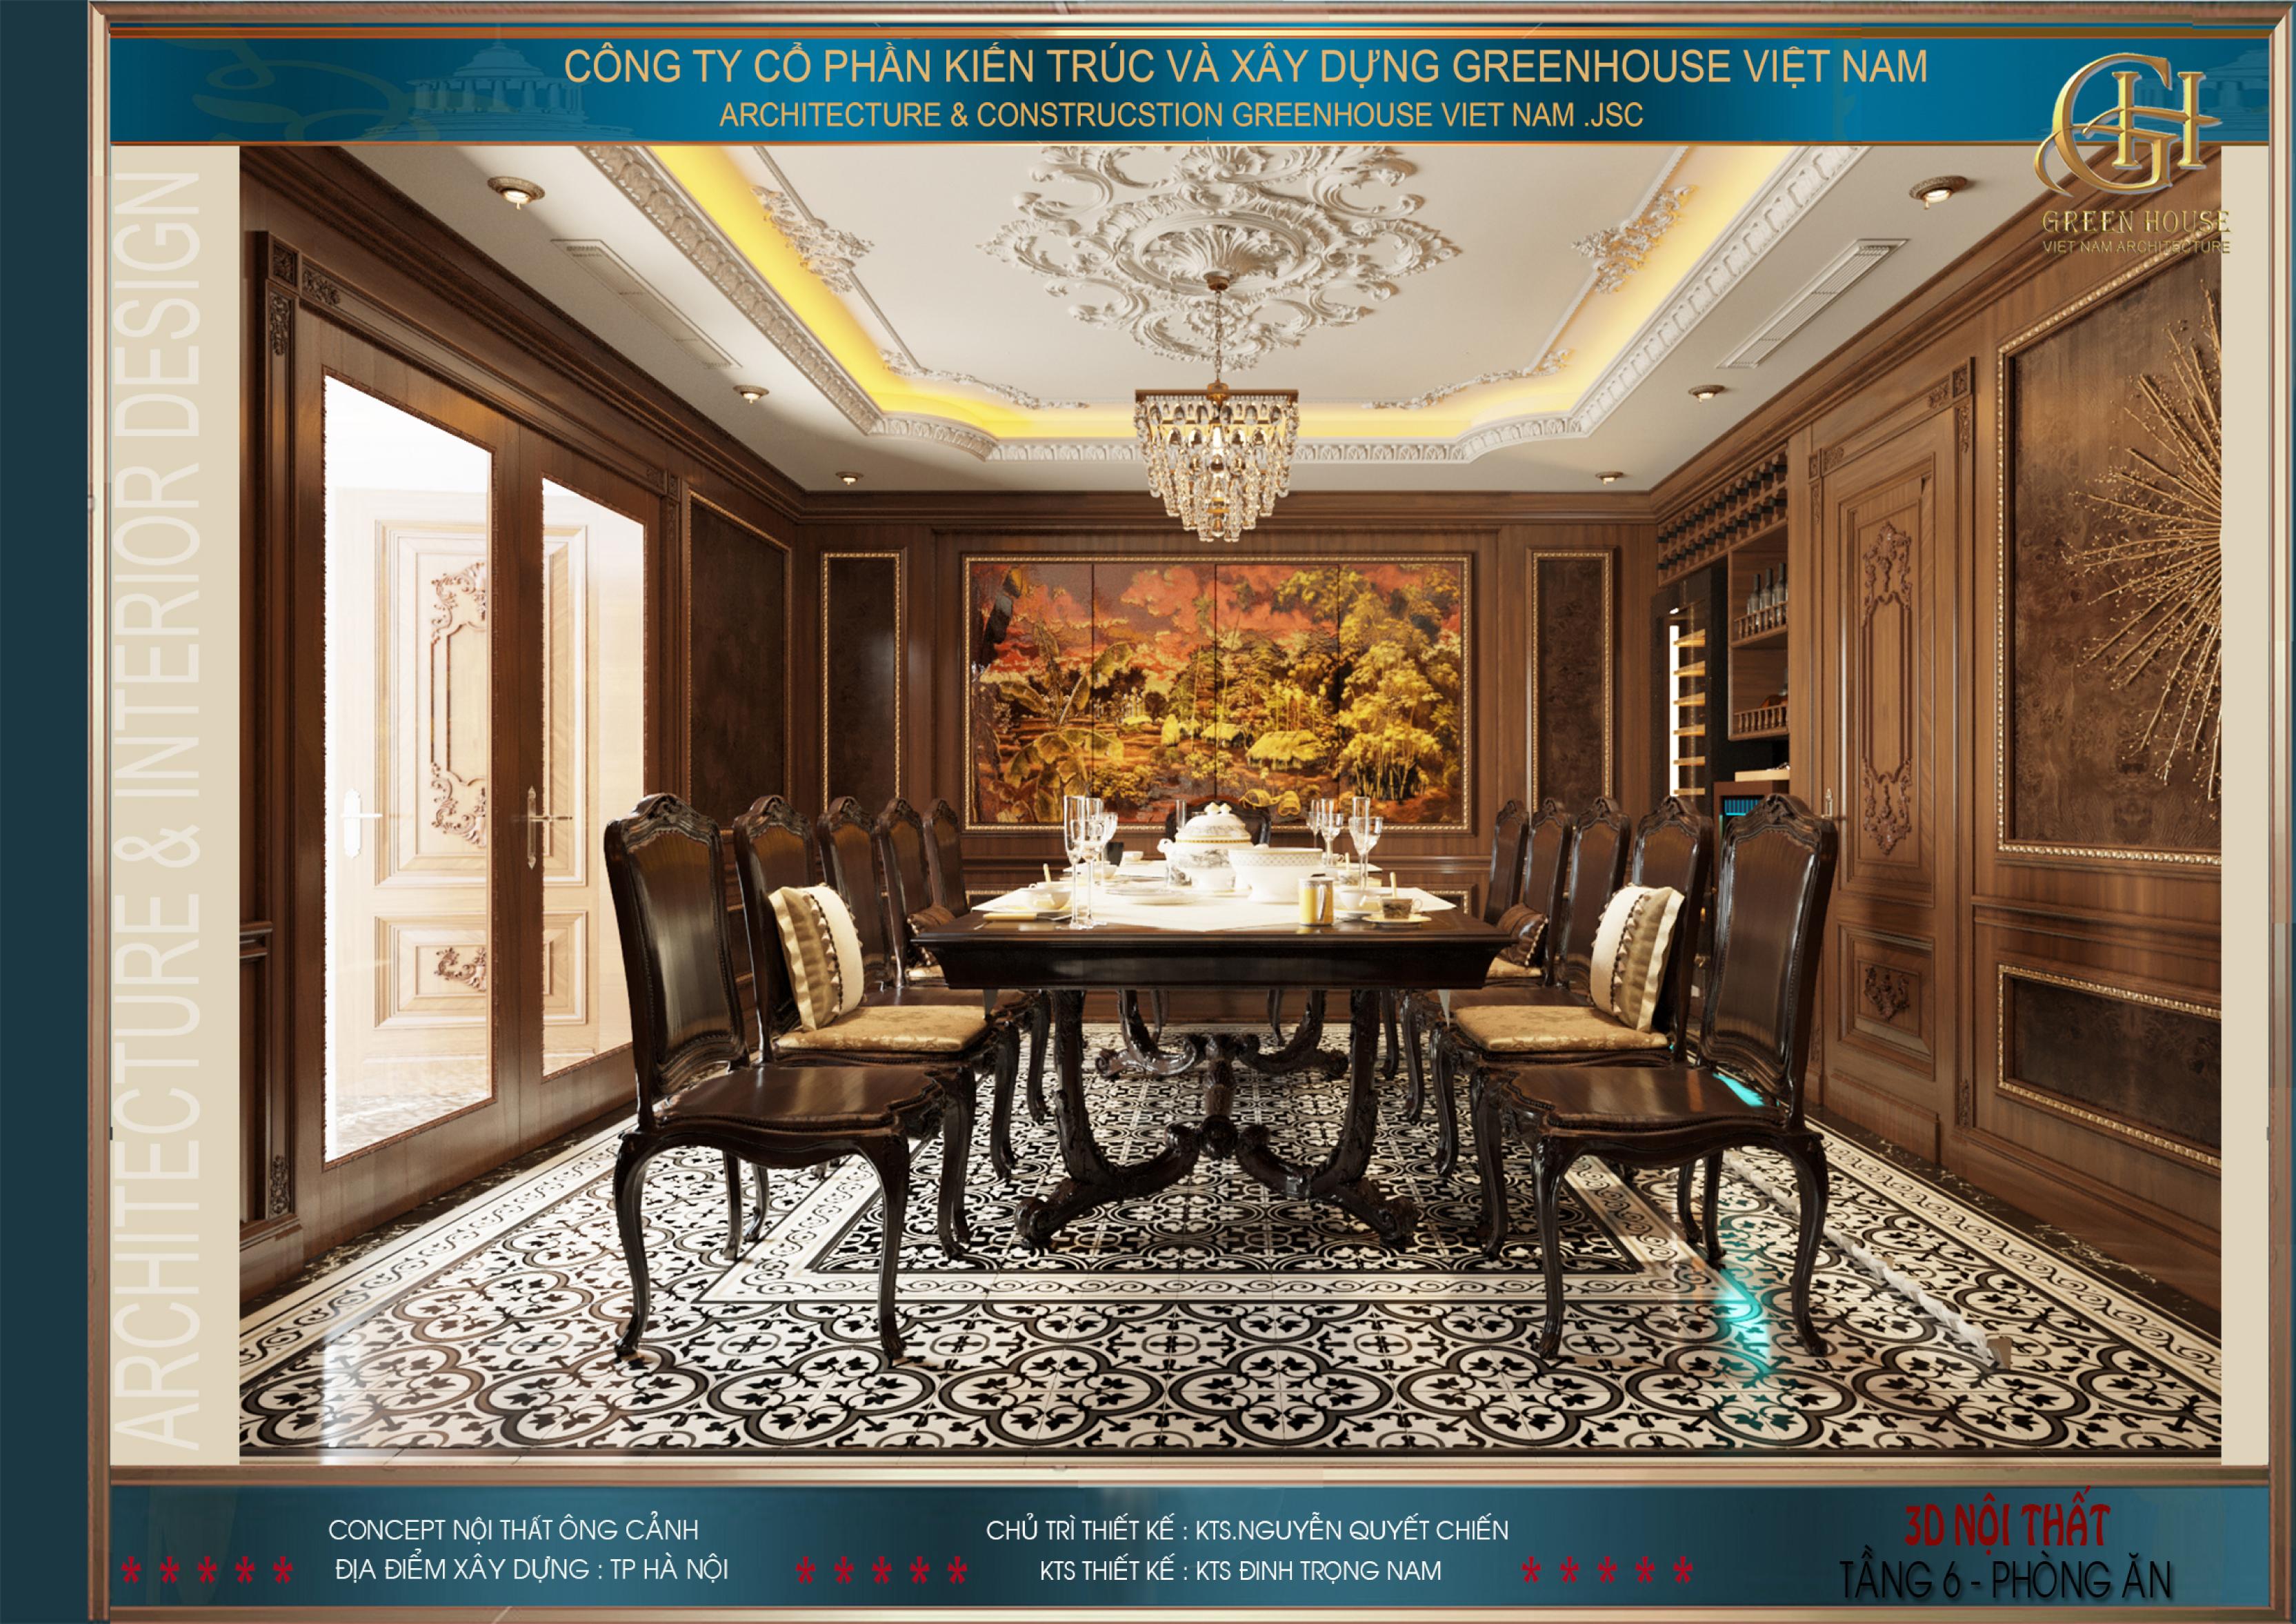 Thiết kế nội thất phòng ăn cực kỳ tinh tế và tỉ mỉ